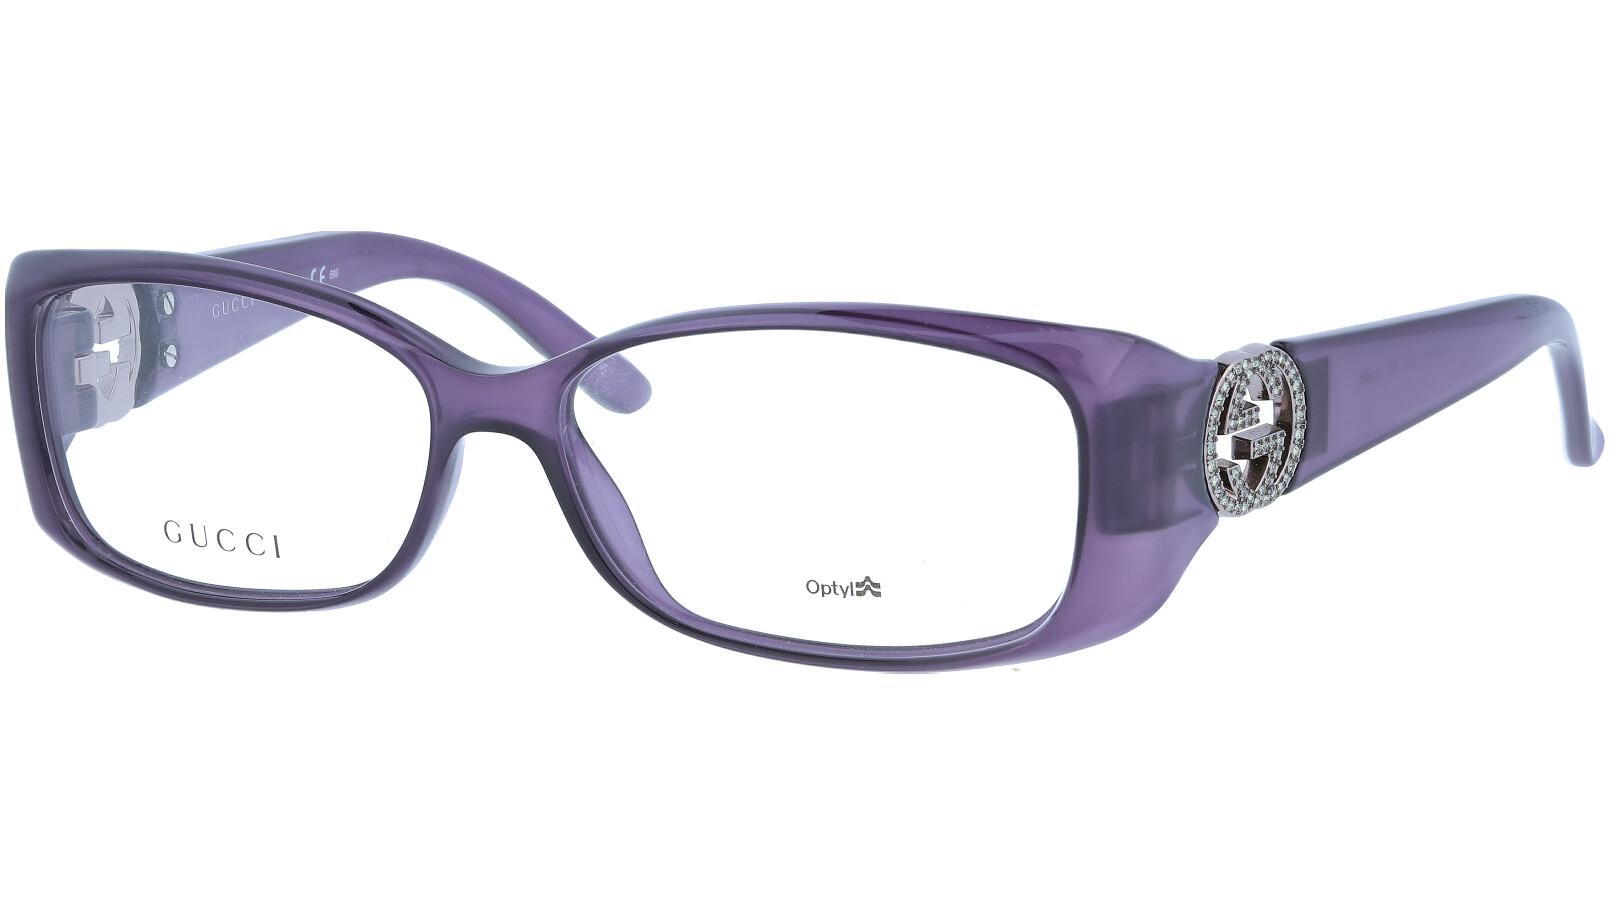 GUCCI GG3557 L45 52 PURPLE Glasses